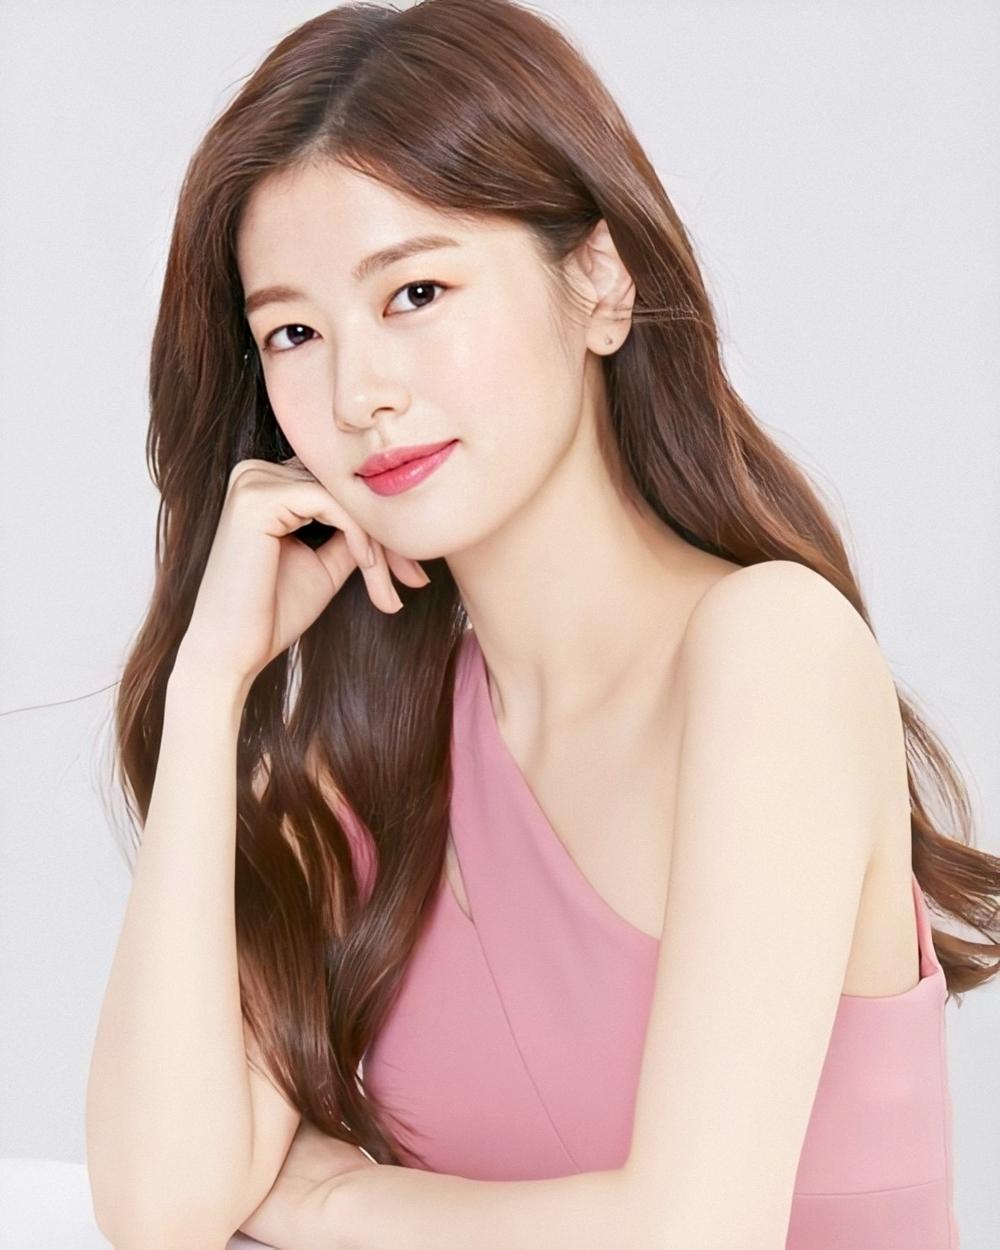 Jung So Min - nữ chính phim Người cha xa lạ - được các chuyên gia thẩm mỹ nhận xét diện mạo thuần Hàn, da sáng khỏe, hình thể cân đối, gương mặt trong sáng. Diễn viên cũng chú trọng chế độ ăn khoa học, tập thể dục mỗi ngày và chăm sóc da bằng sản phẩm chiết xuất thiên nhiên.